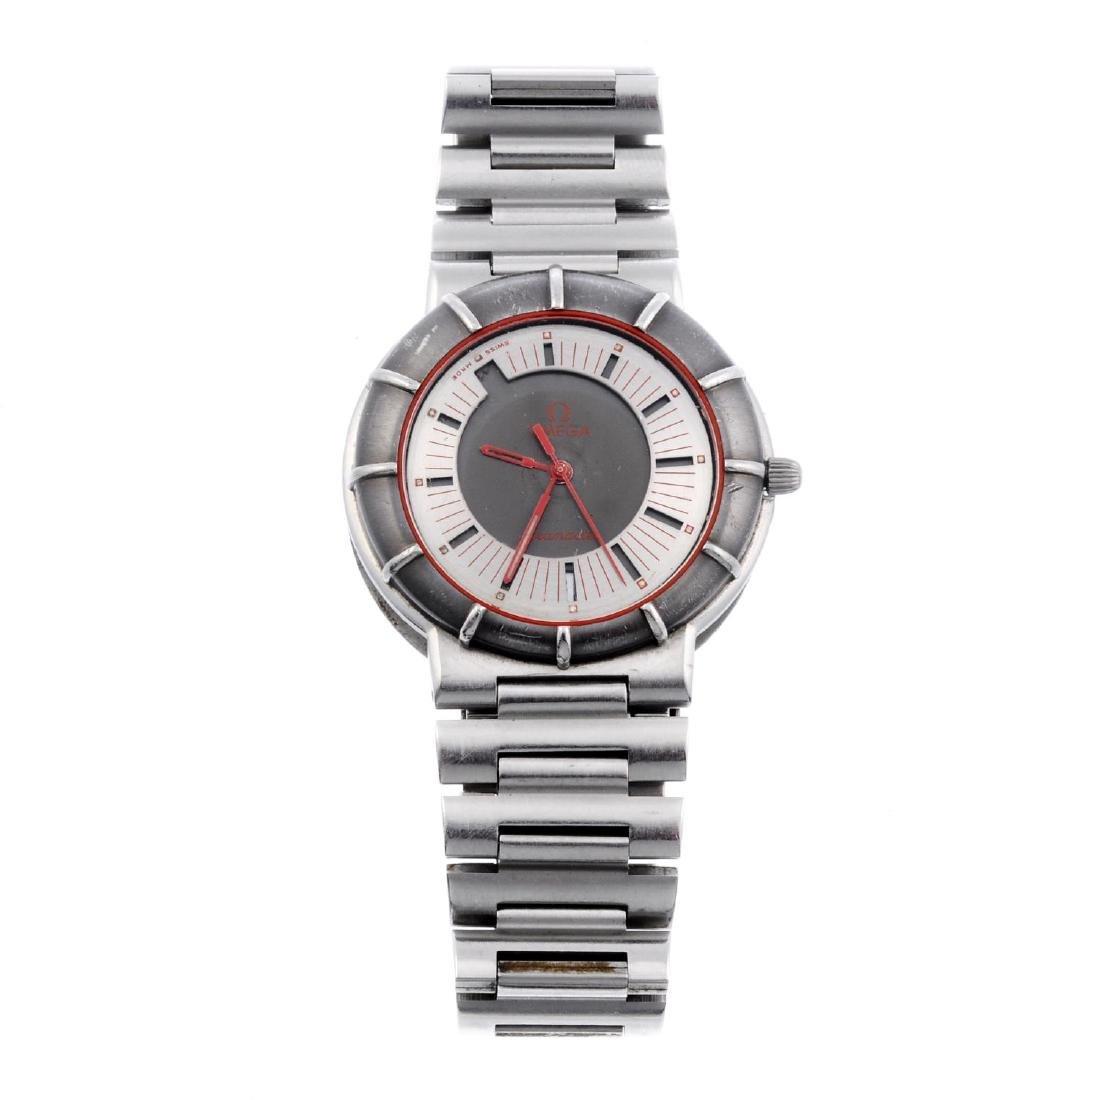 OMEGA - a mid-size Seamaster Dynamic bracelet watch.